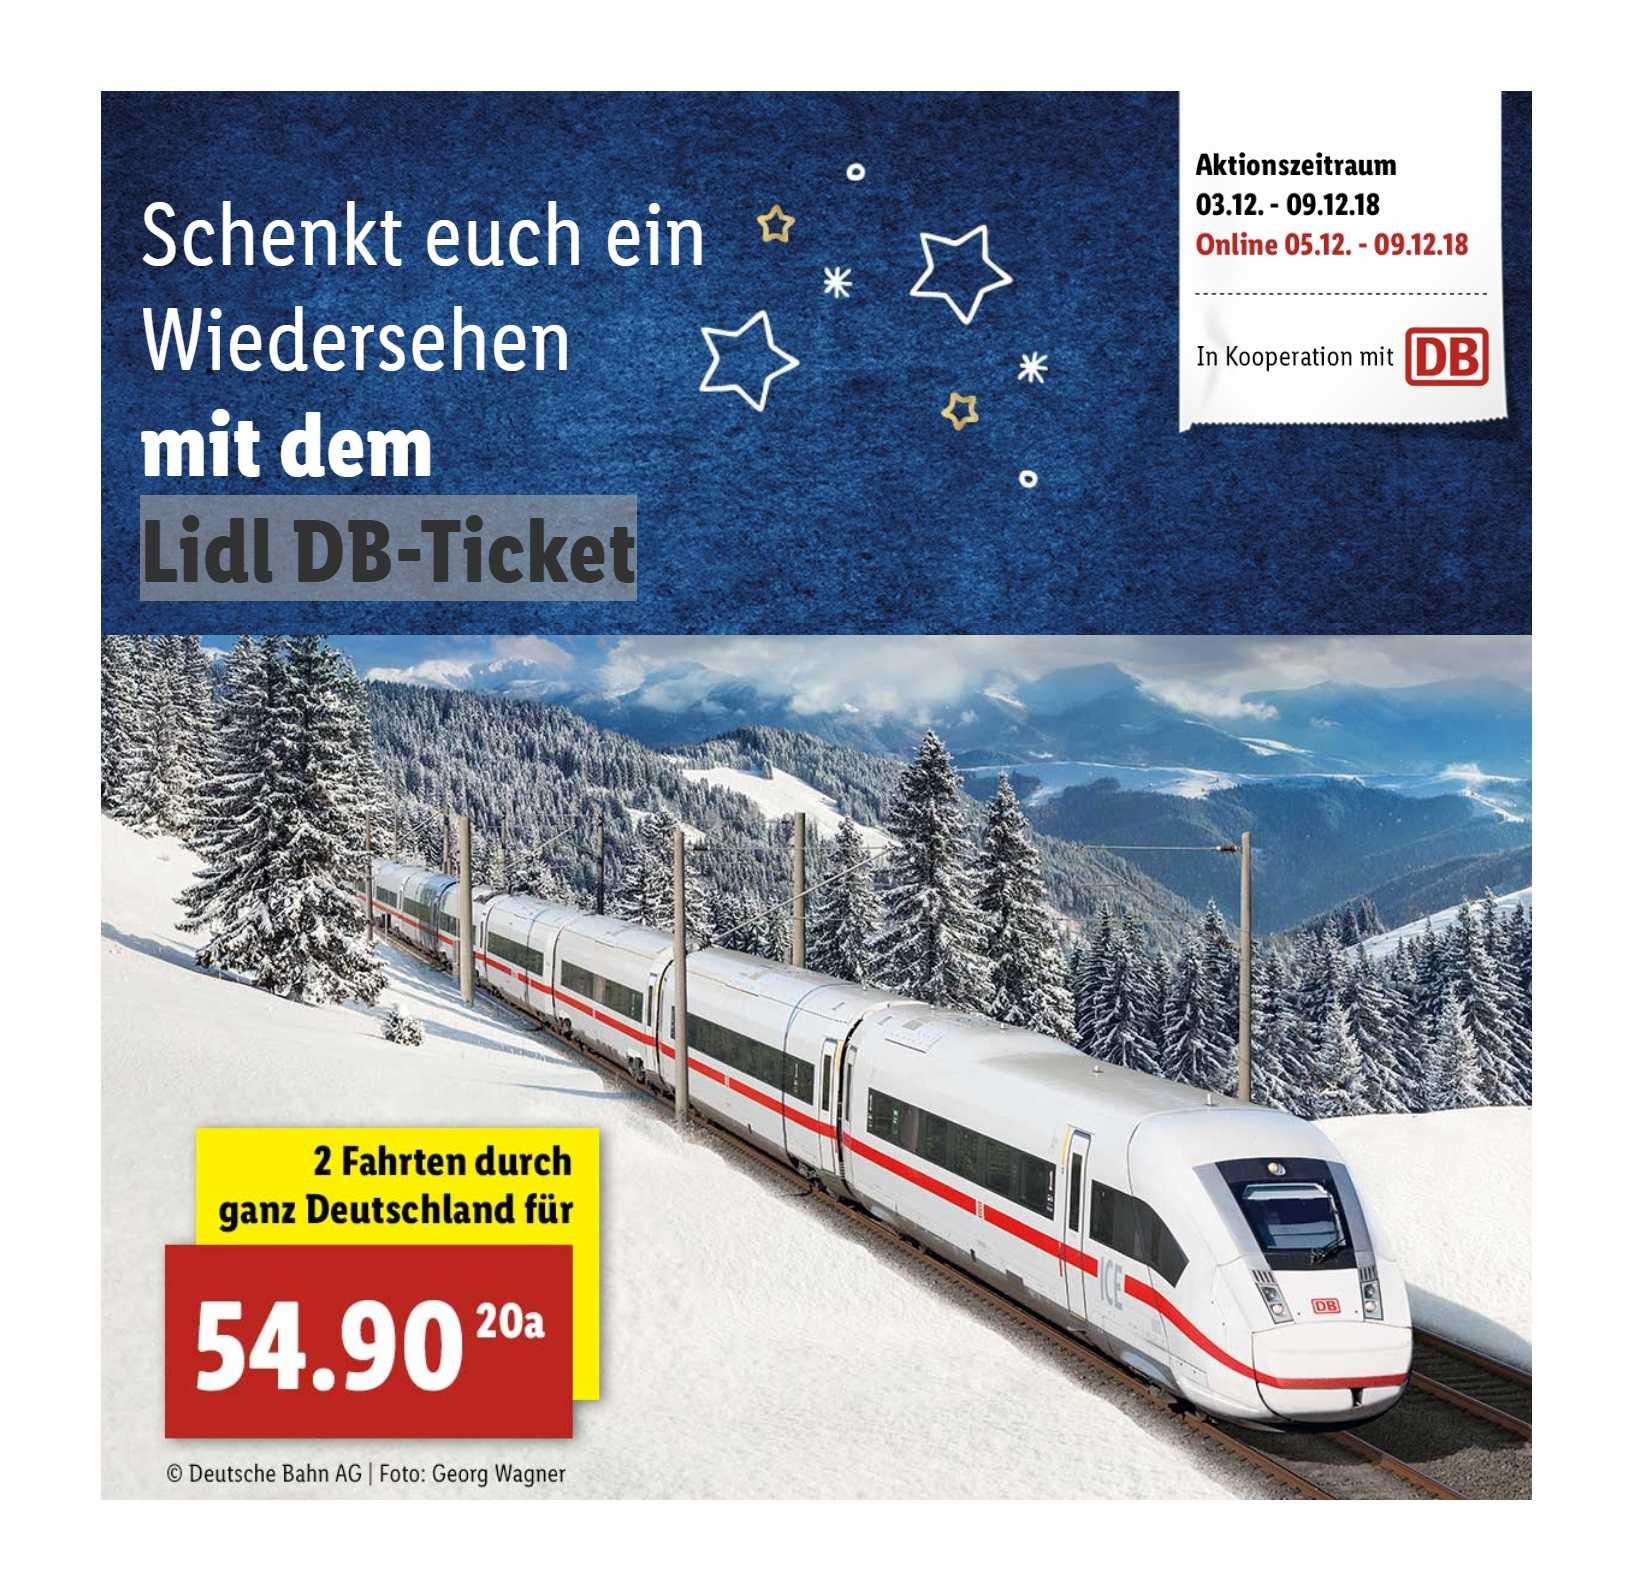 Db Ticket Lidl